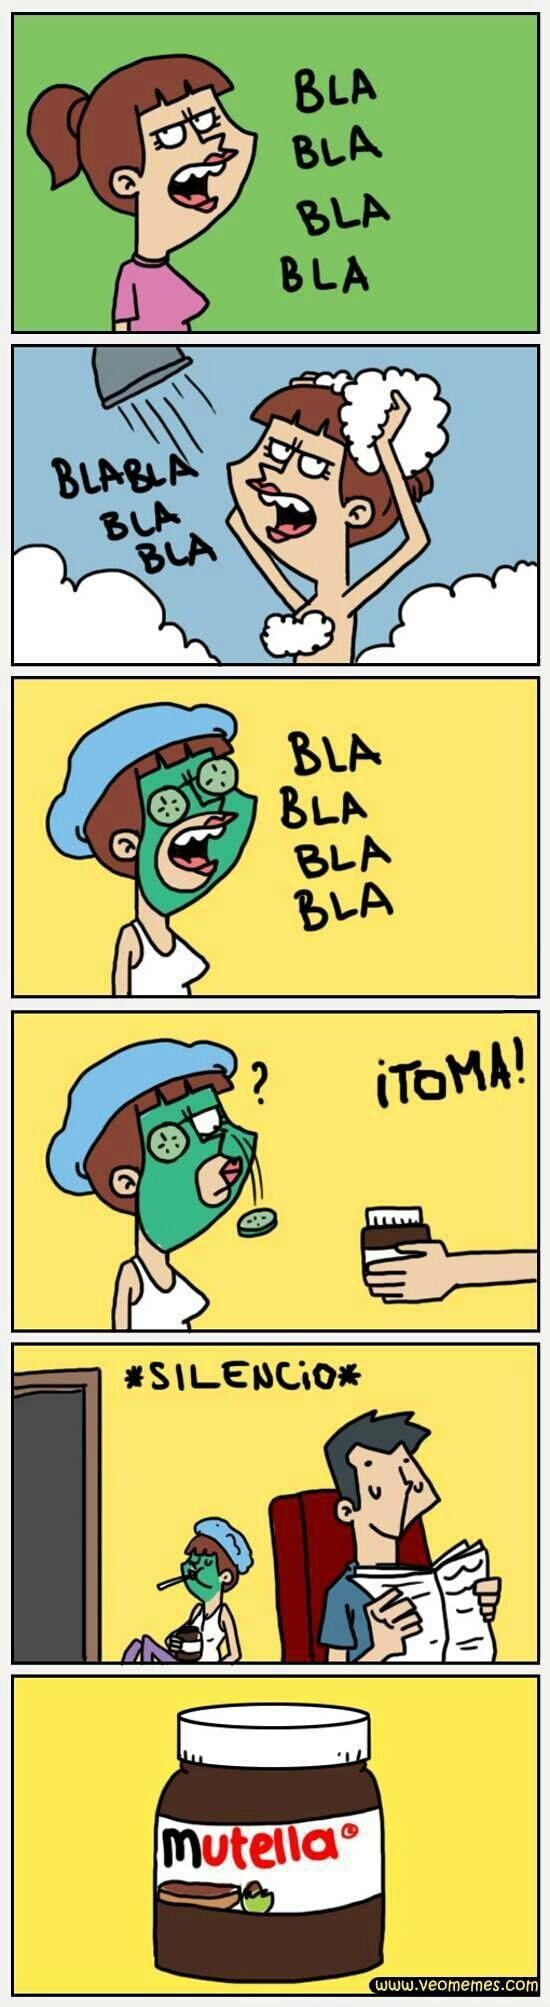 Problema resolvido! - meme